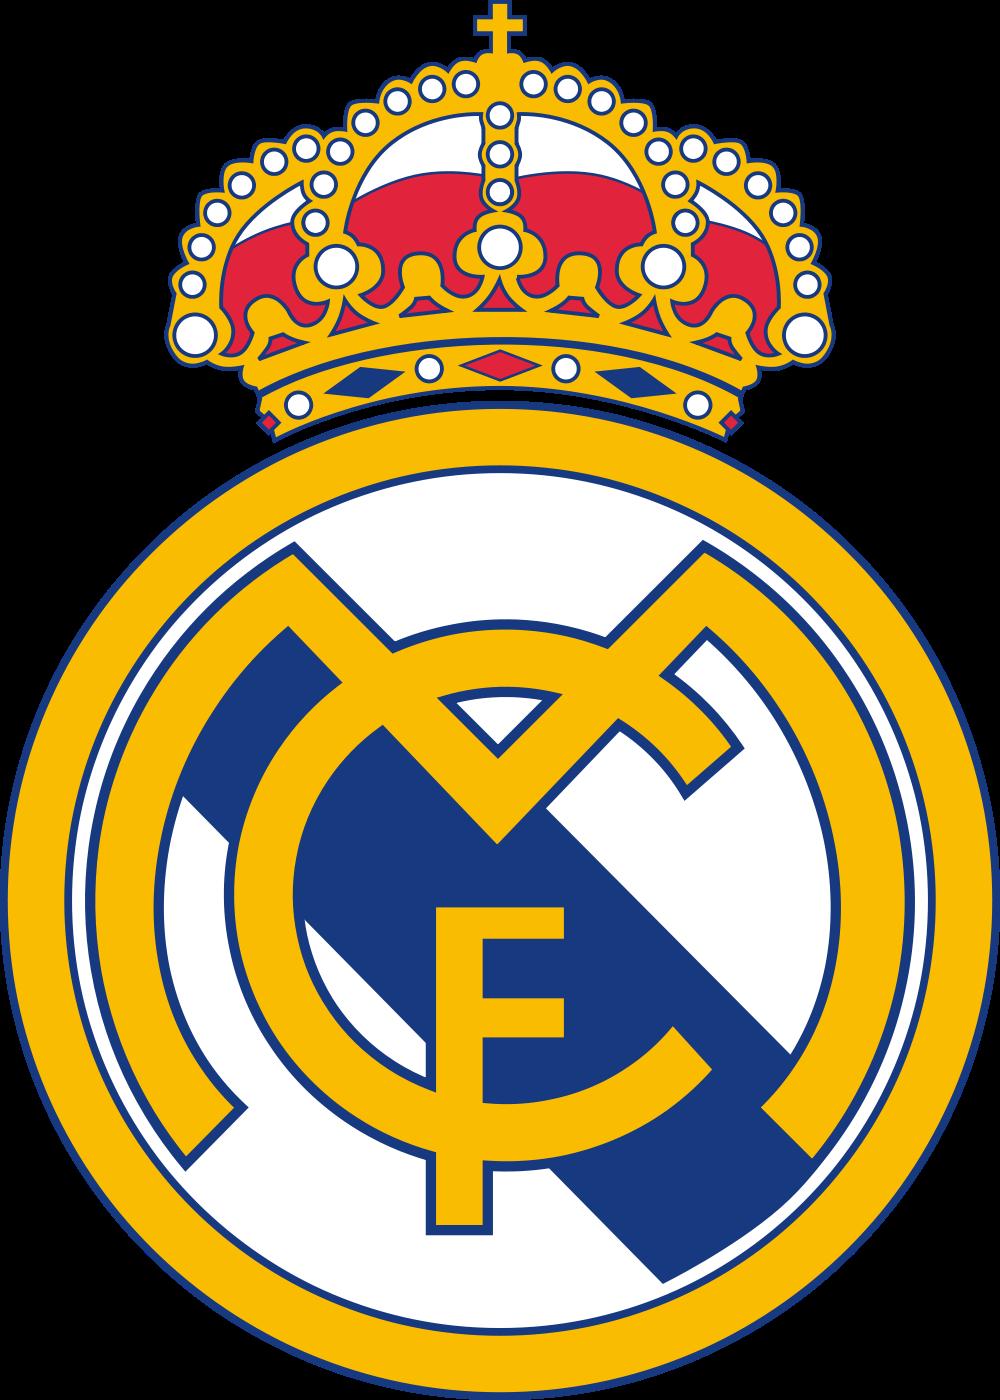 Real Madrid logo 4 - Real Madrid Logo - Real Madrid Club de Fútbol Escudo